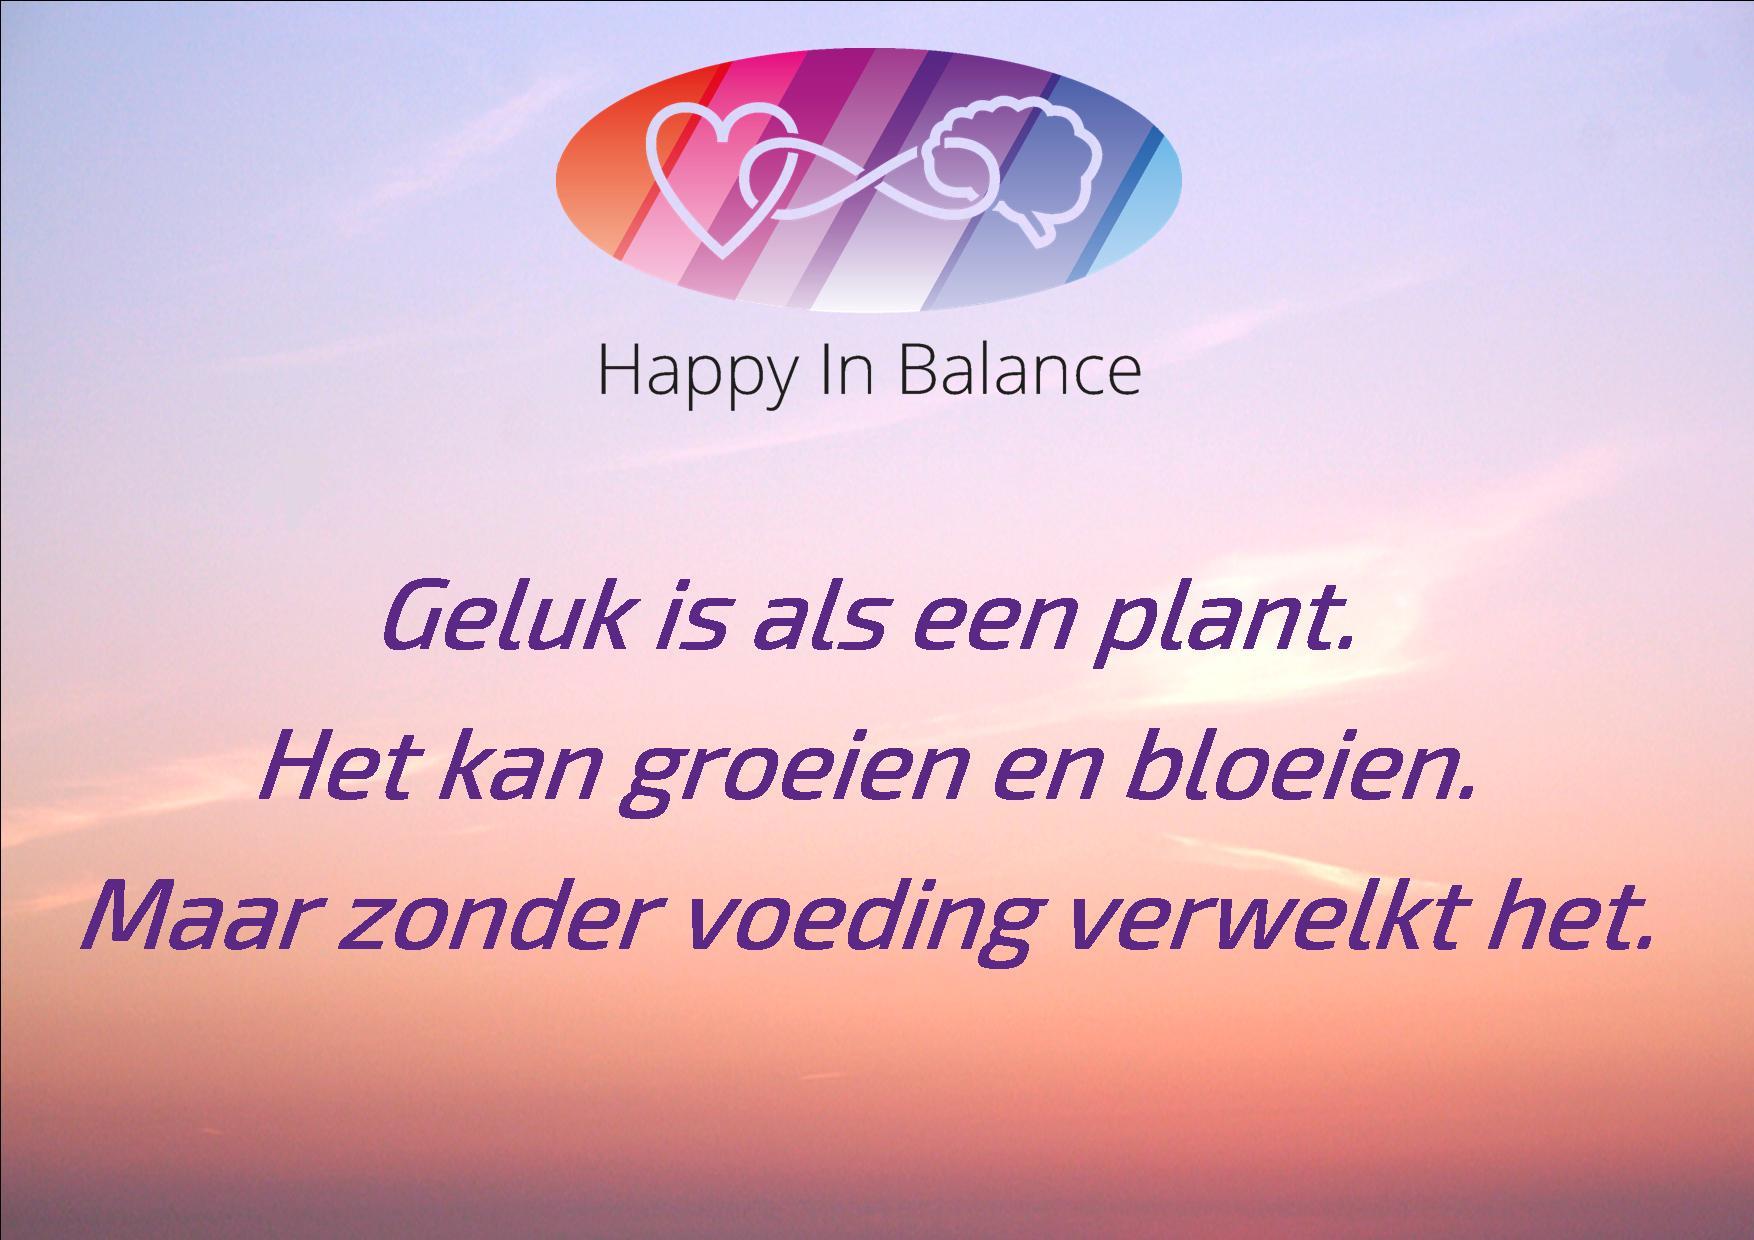 Geluk is als een plant